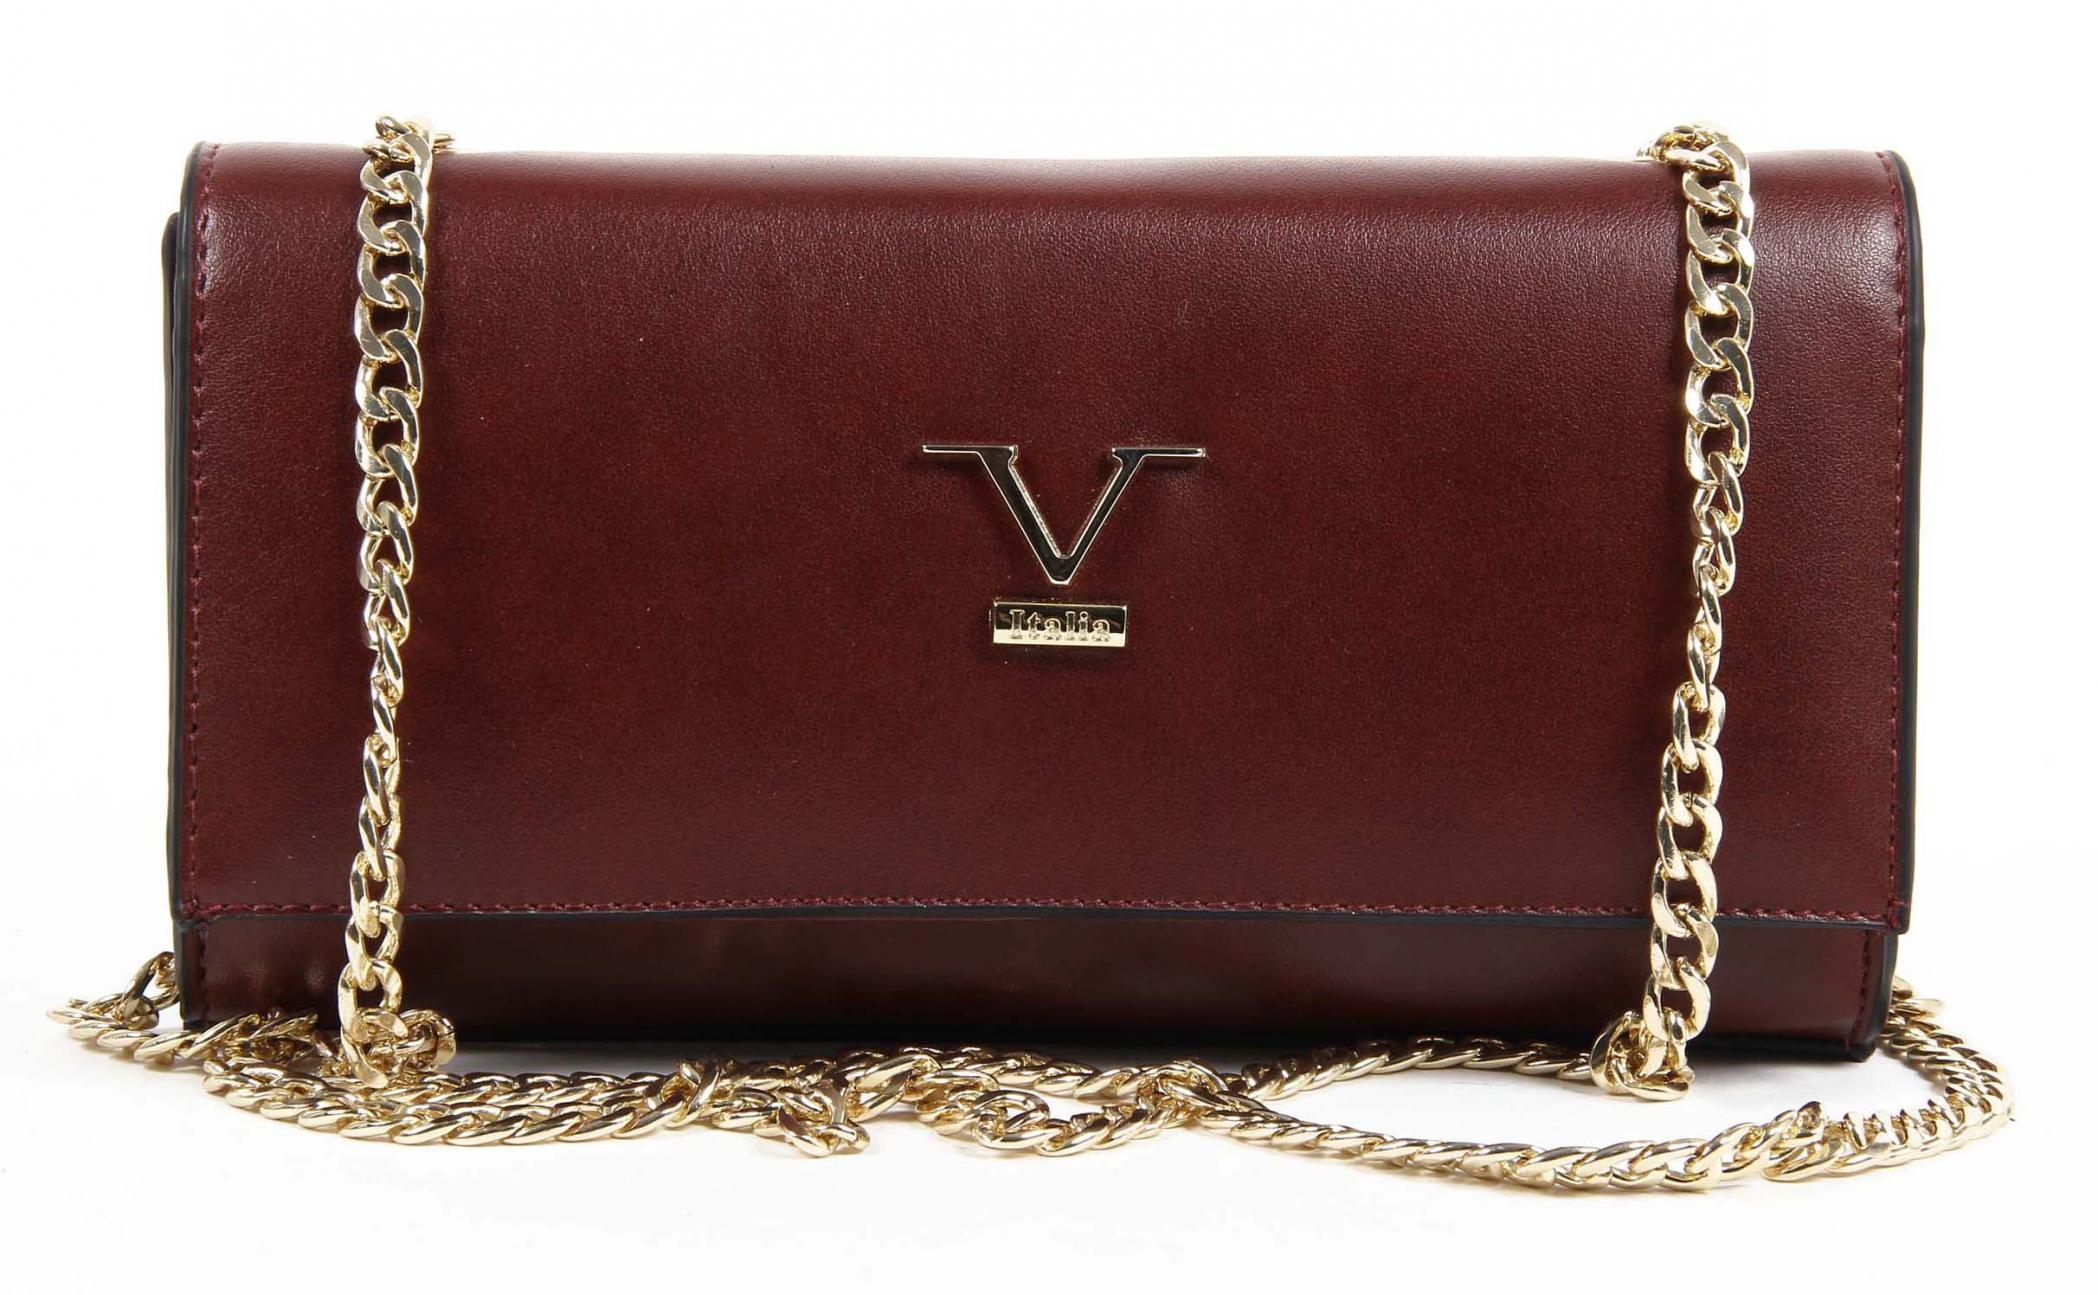 Versace 19.69 Abbigliamento Sportivo Srl Milano Italia Womens Handbag VE011 CLARET  RED 4b1a1fadf4437